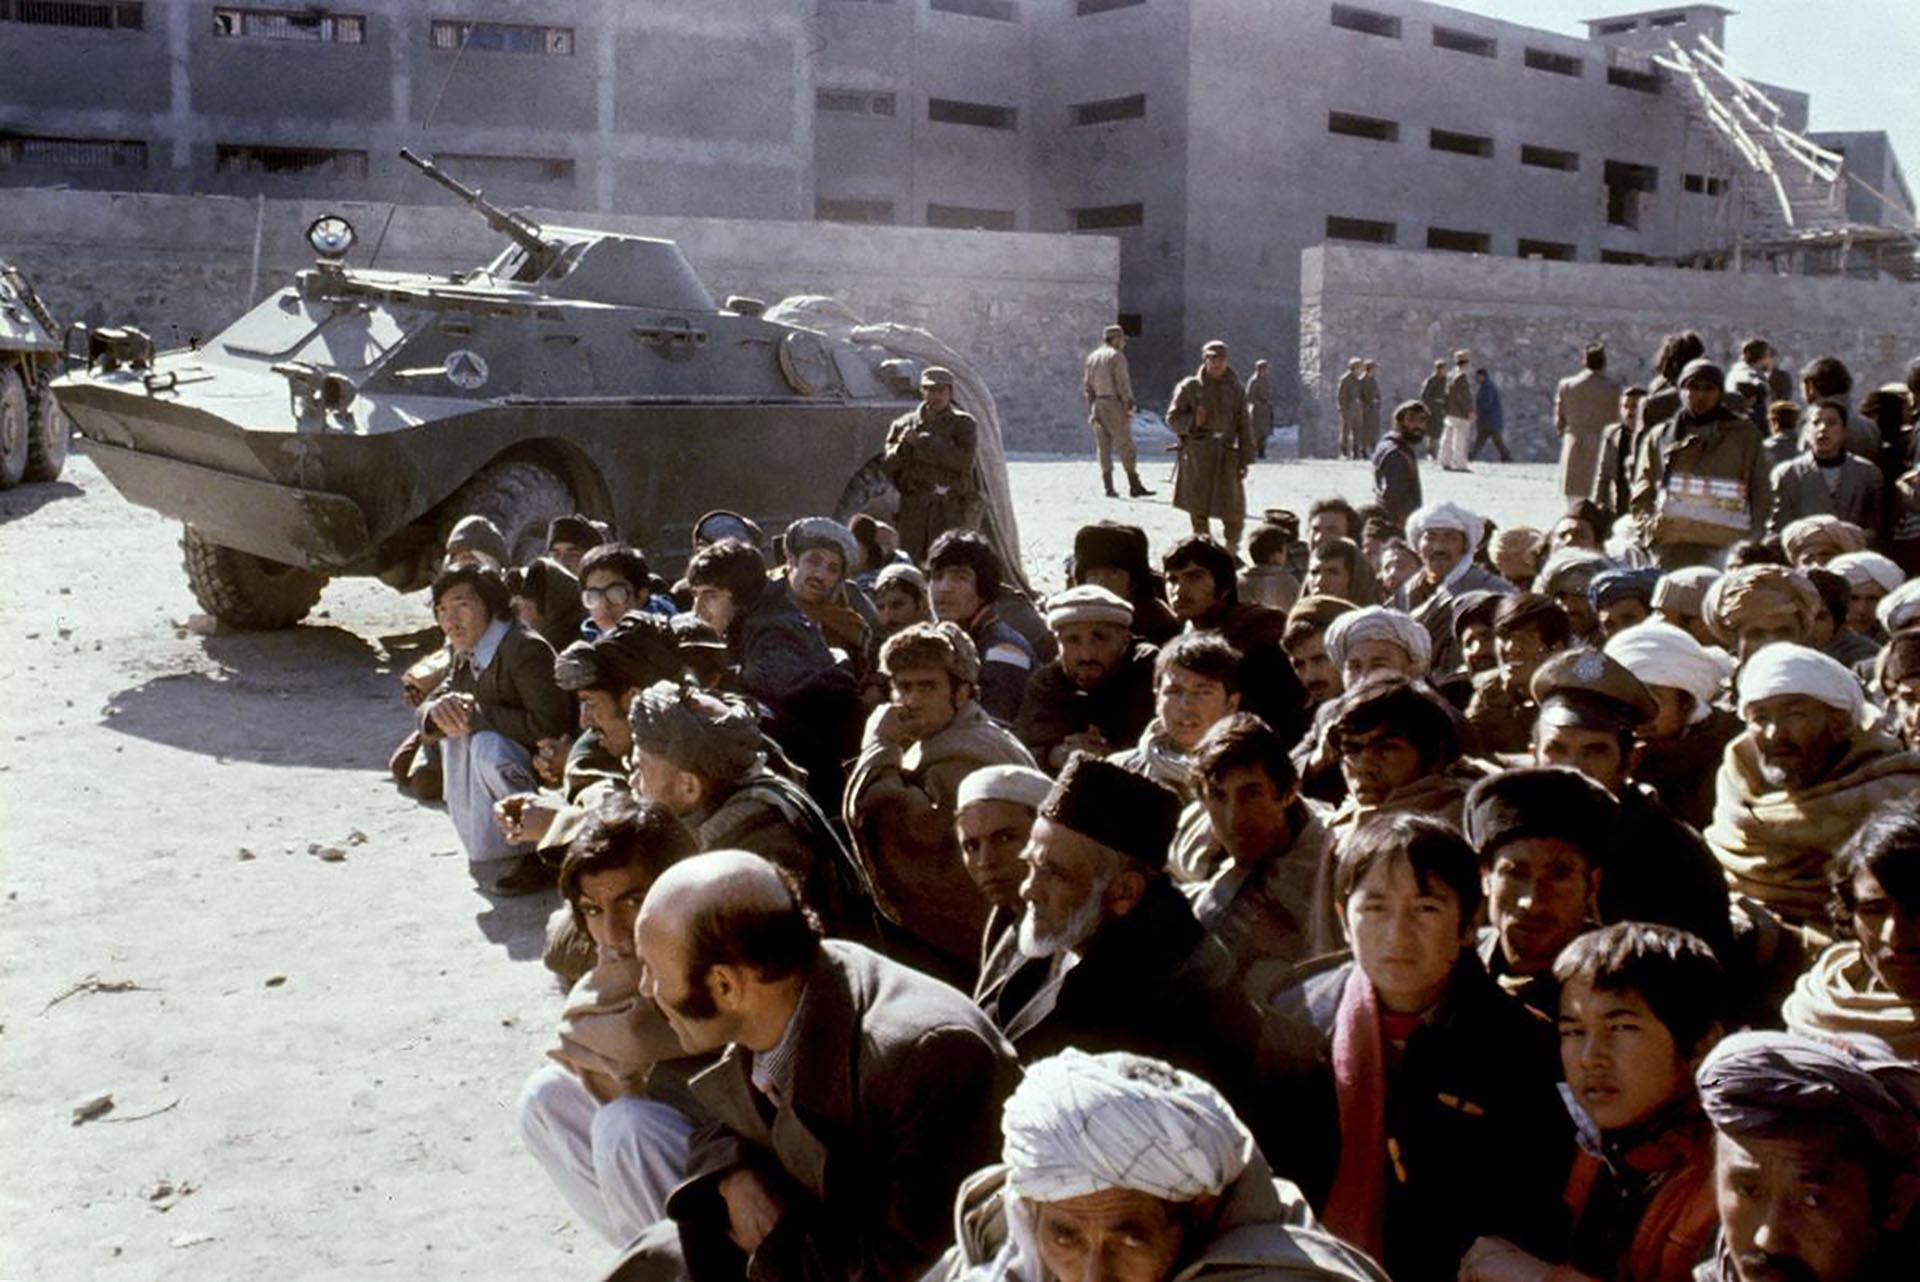 Afganos en la cárcel de Pulicharkhi para prisioneros políticos, en Kabul, en enero de 1980 poco después de la llegada al poder de Babrak Karmal